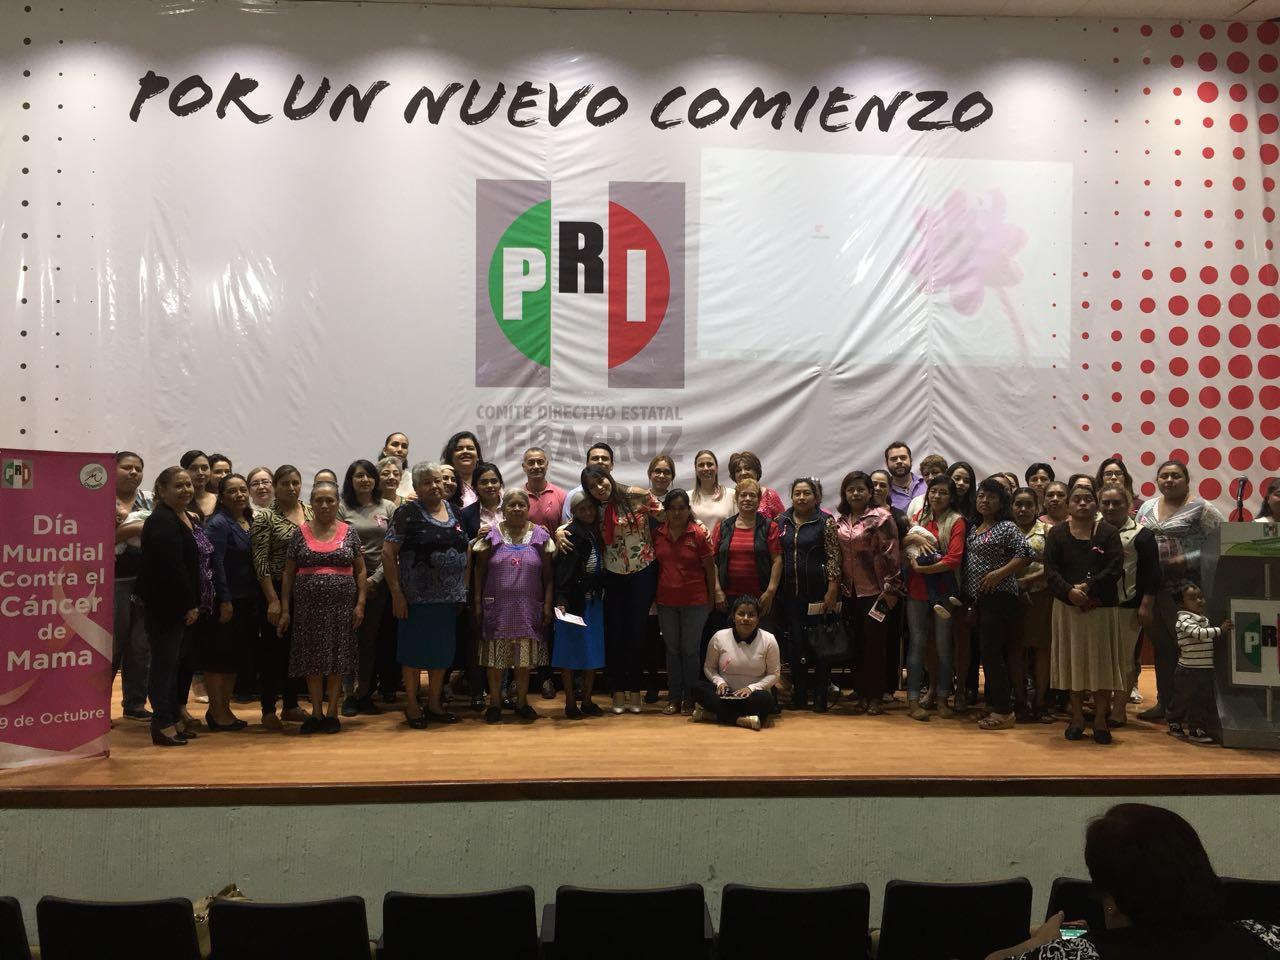 EL PRI conmemora el día mundial de la lucha contra el cáncer de mama